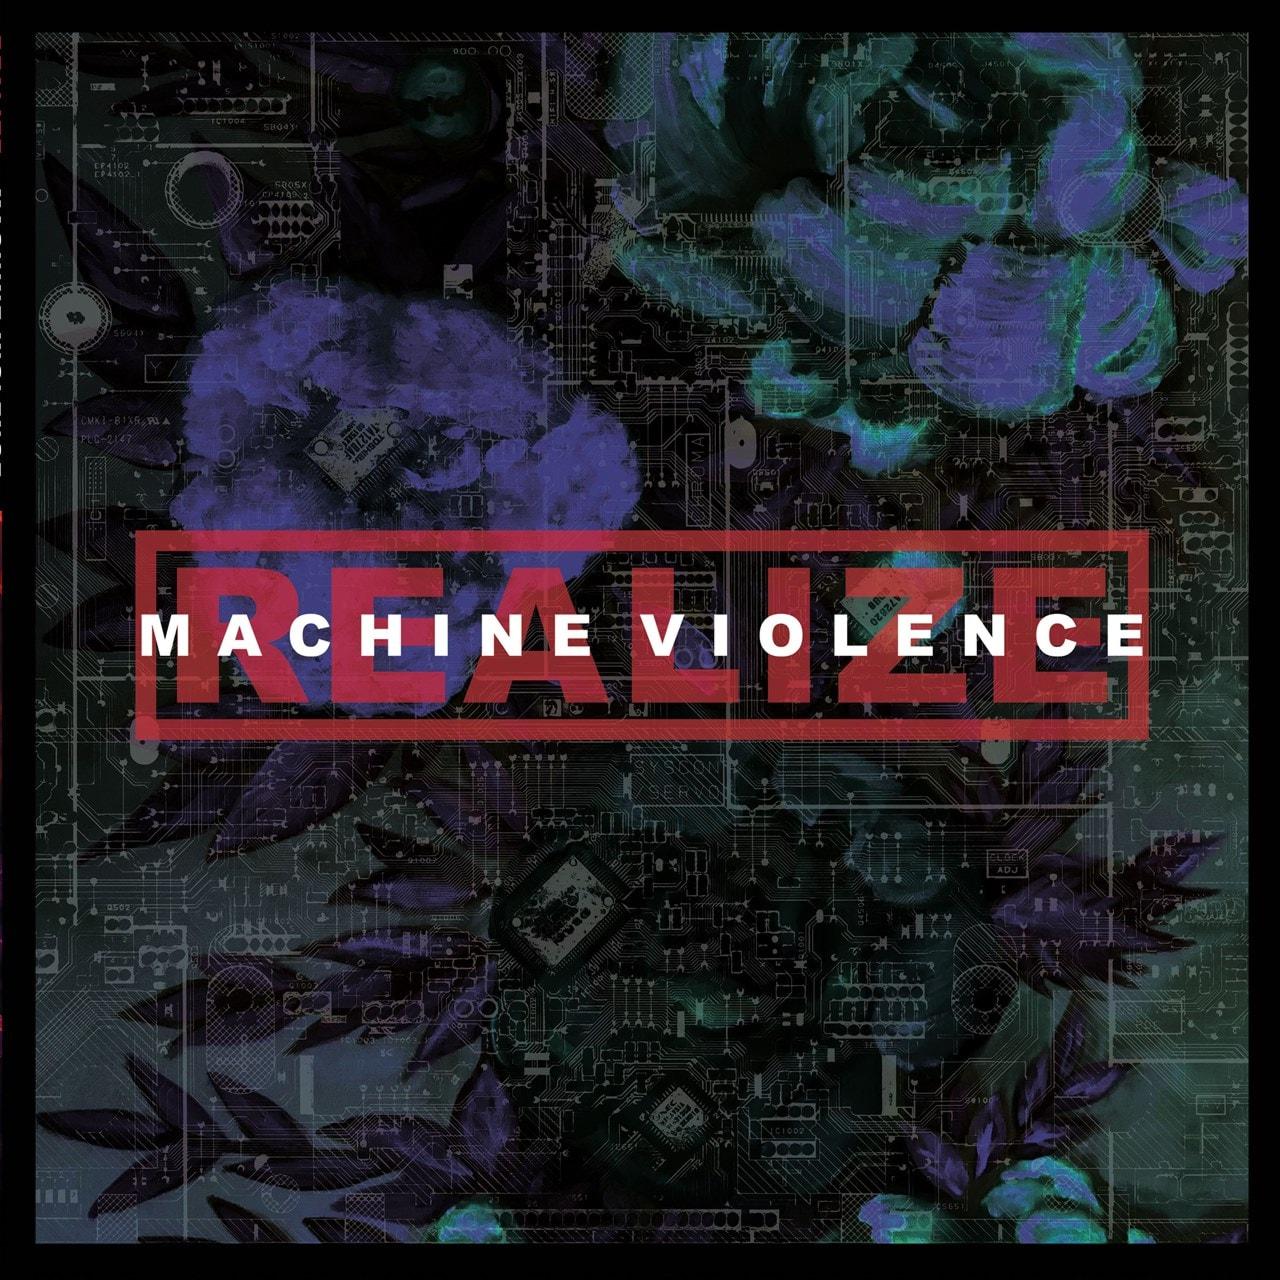 Machine Violence - 1